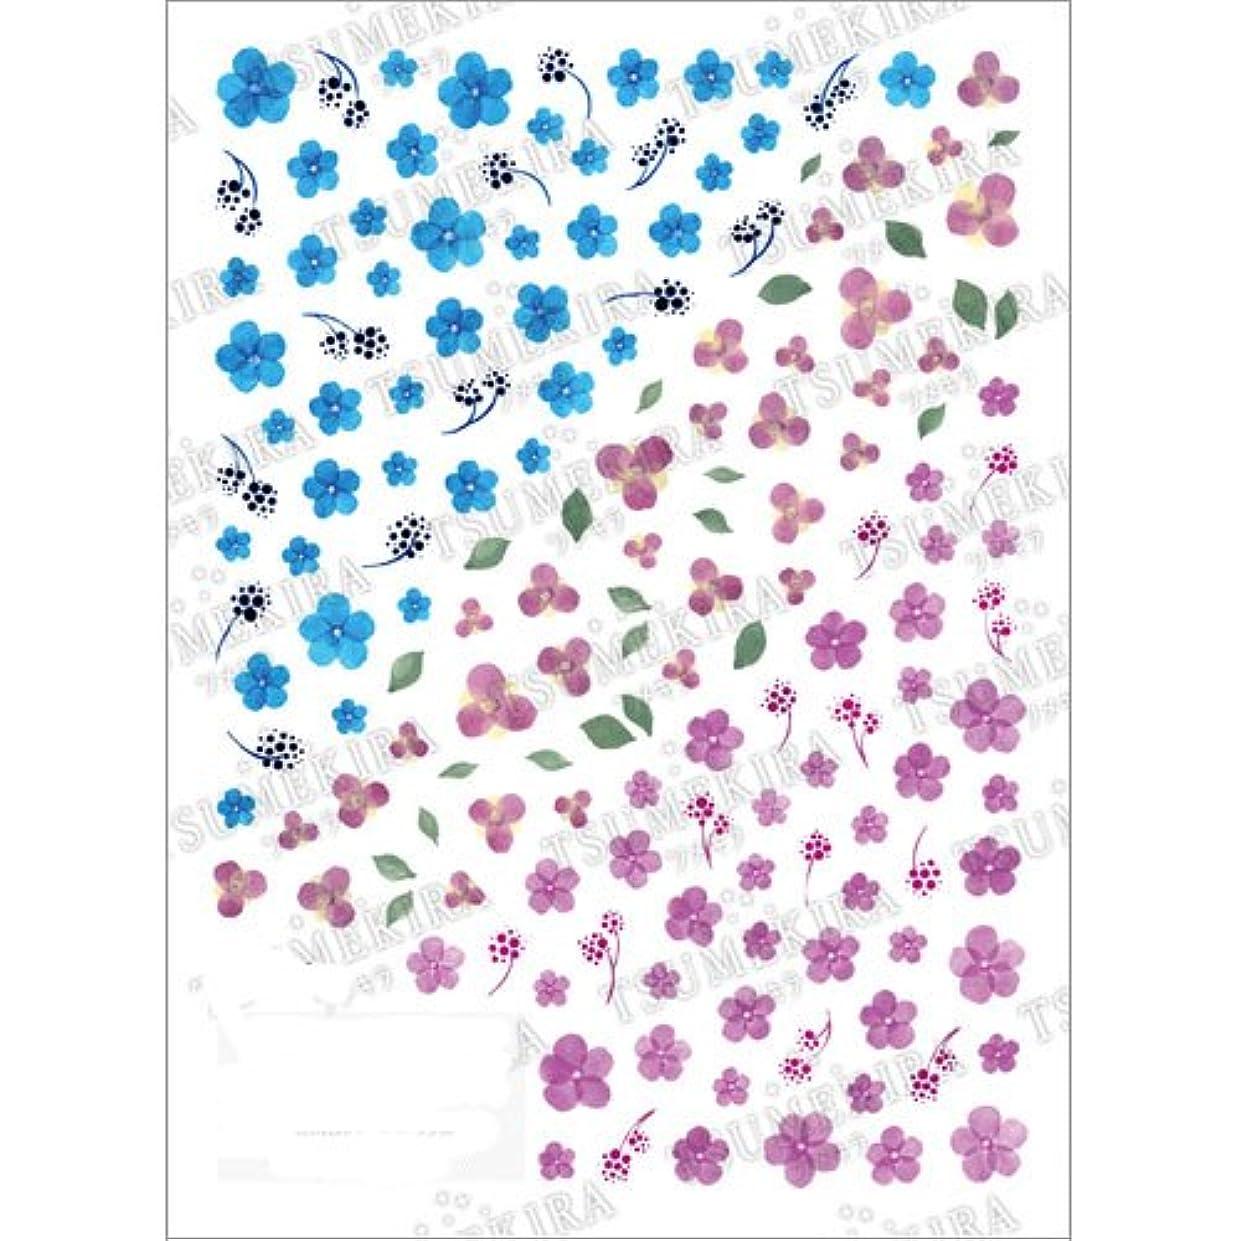 美的近々性差別ツメキラ ネイル用シール 工藤恭子プロデュース3 水彩フラワー NN-PRD-703